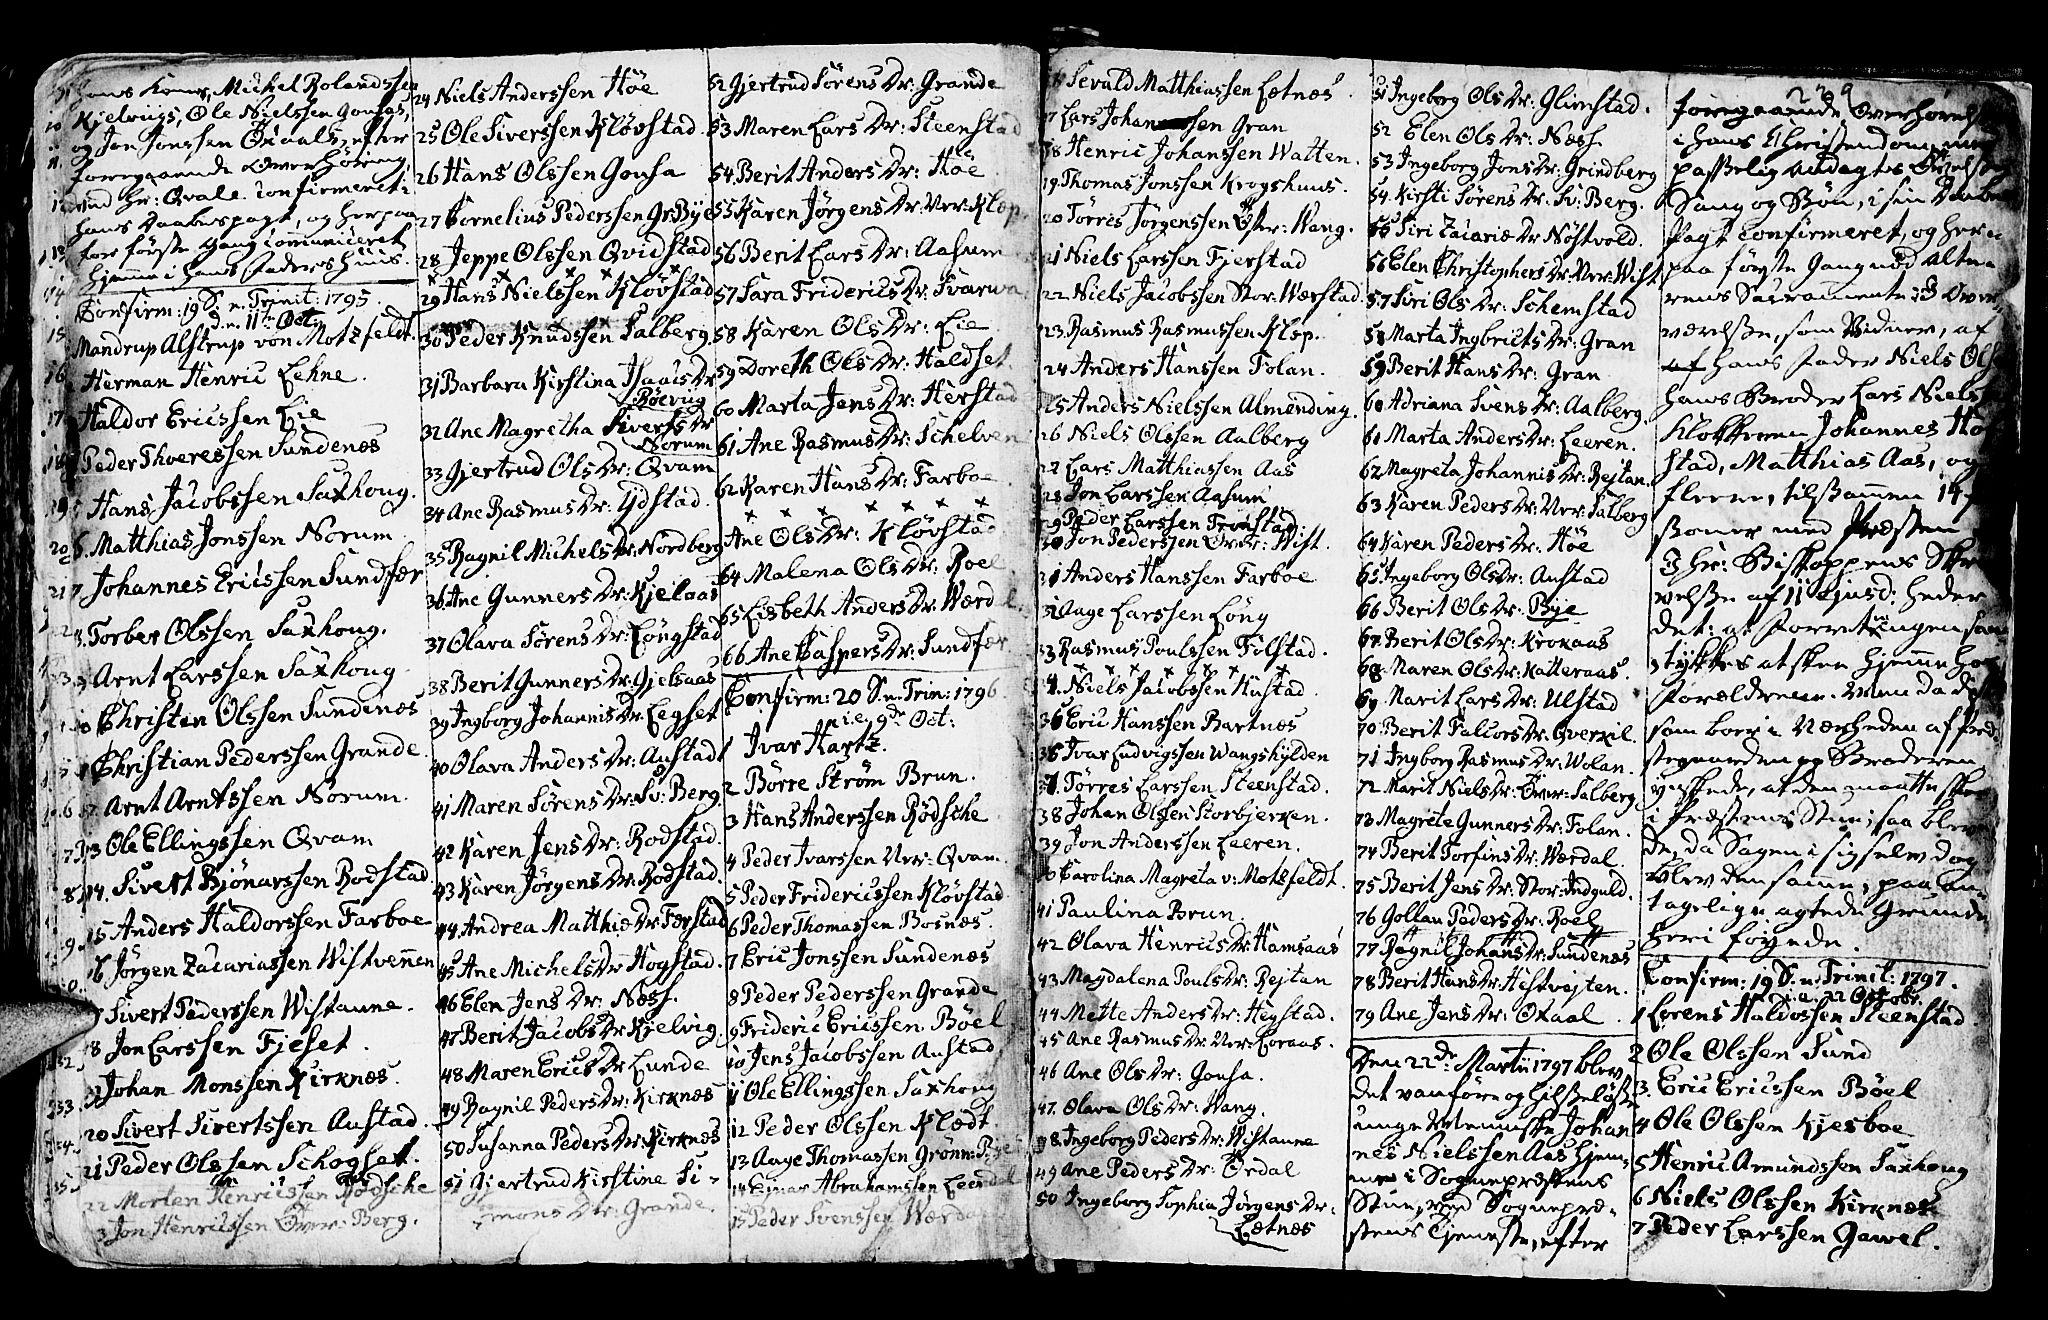 SAT, Ministerialprotokoller, klokkerbøker og fødselsregistre - Nord-Trøndelag, 730/L0273: Ministerialbok nr. 730A02, 1762-1802, s. 229